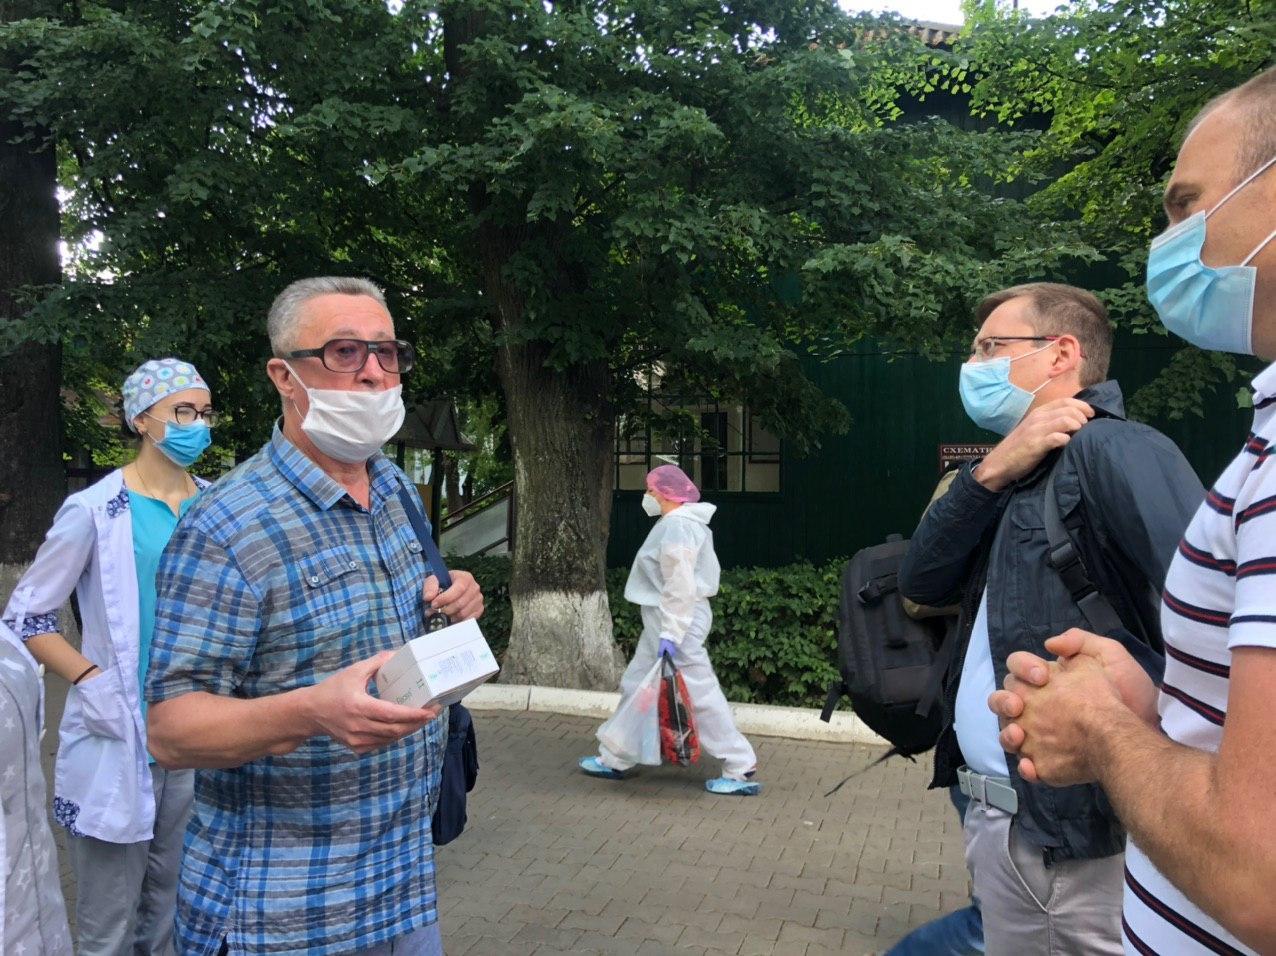 У 40% працівників обласної інфекційної виявили антитіла до Covid-19, – заступник гендиректора лікарні 2